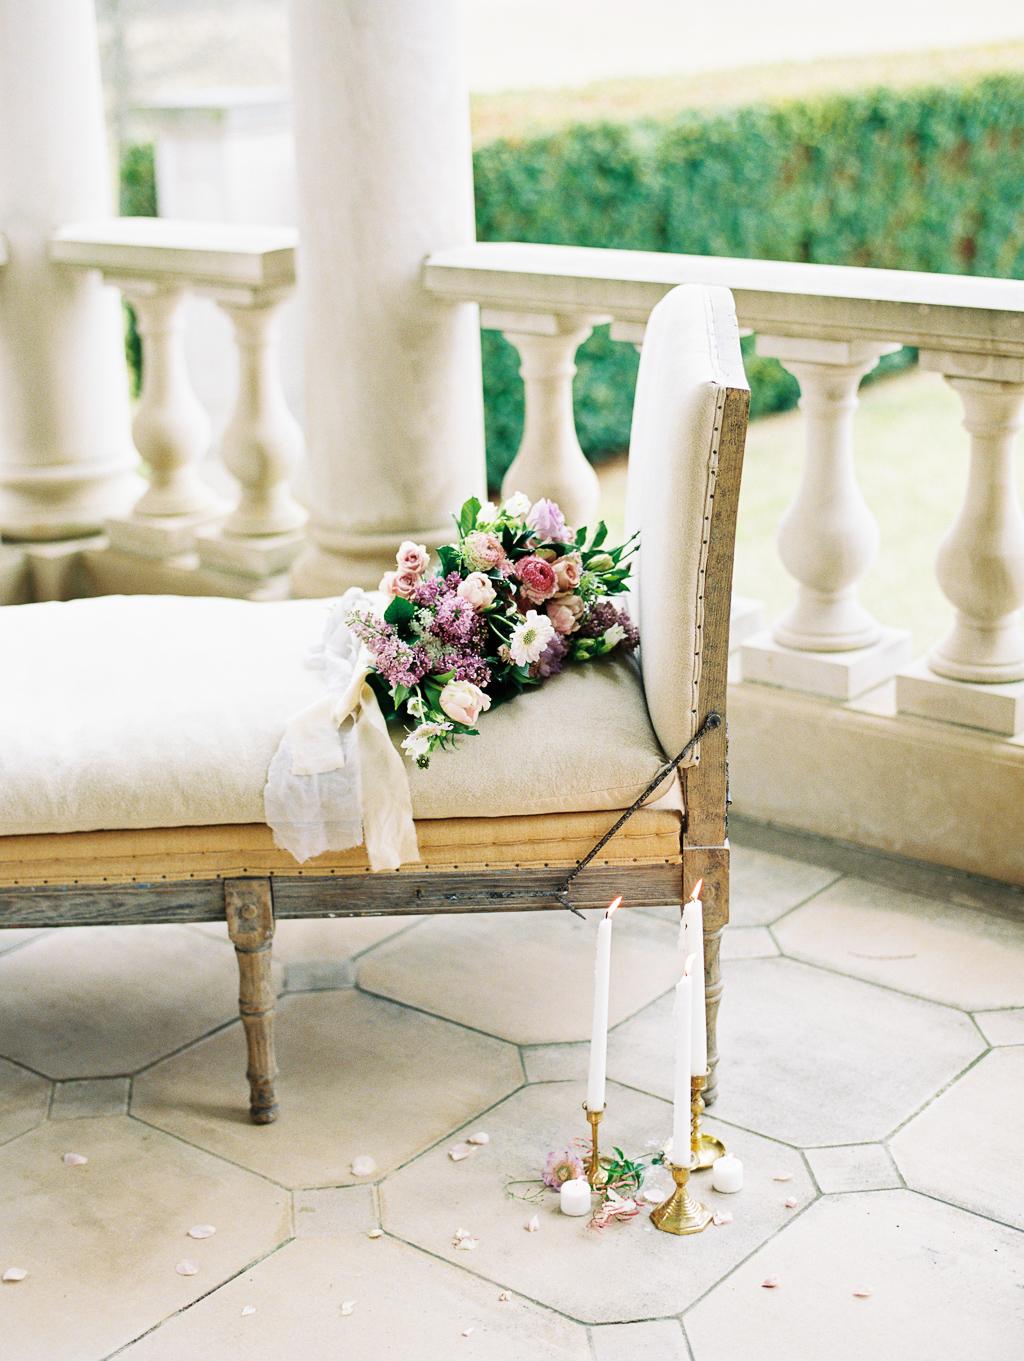 love-blooms-dc-wedding-florist-bouquet